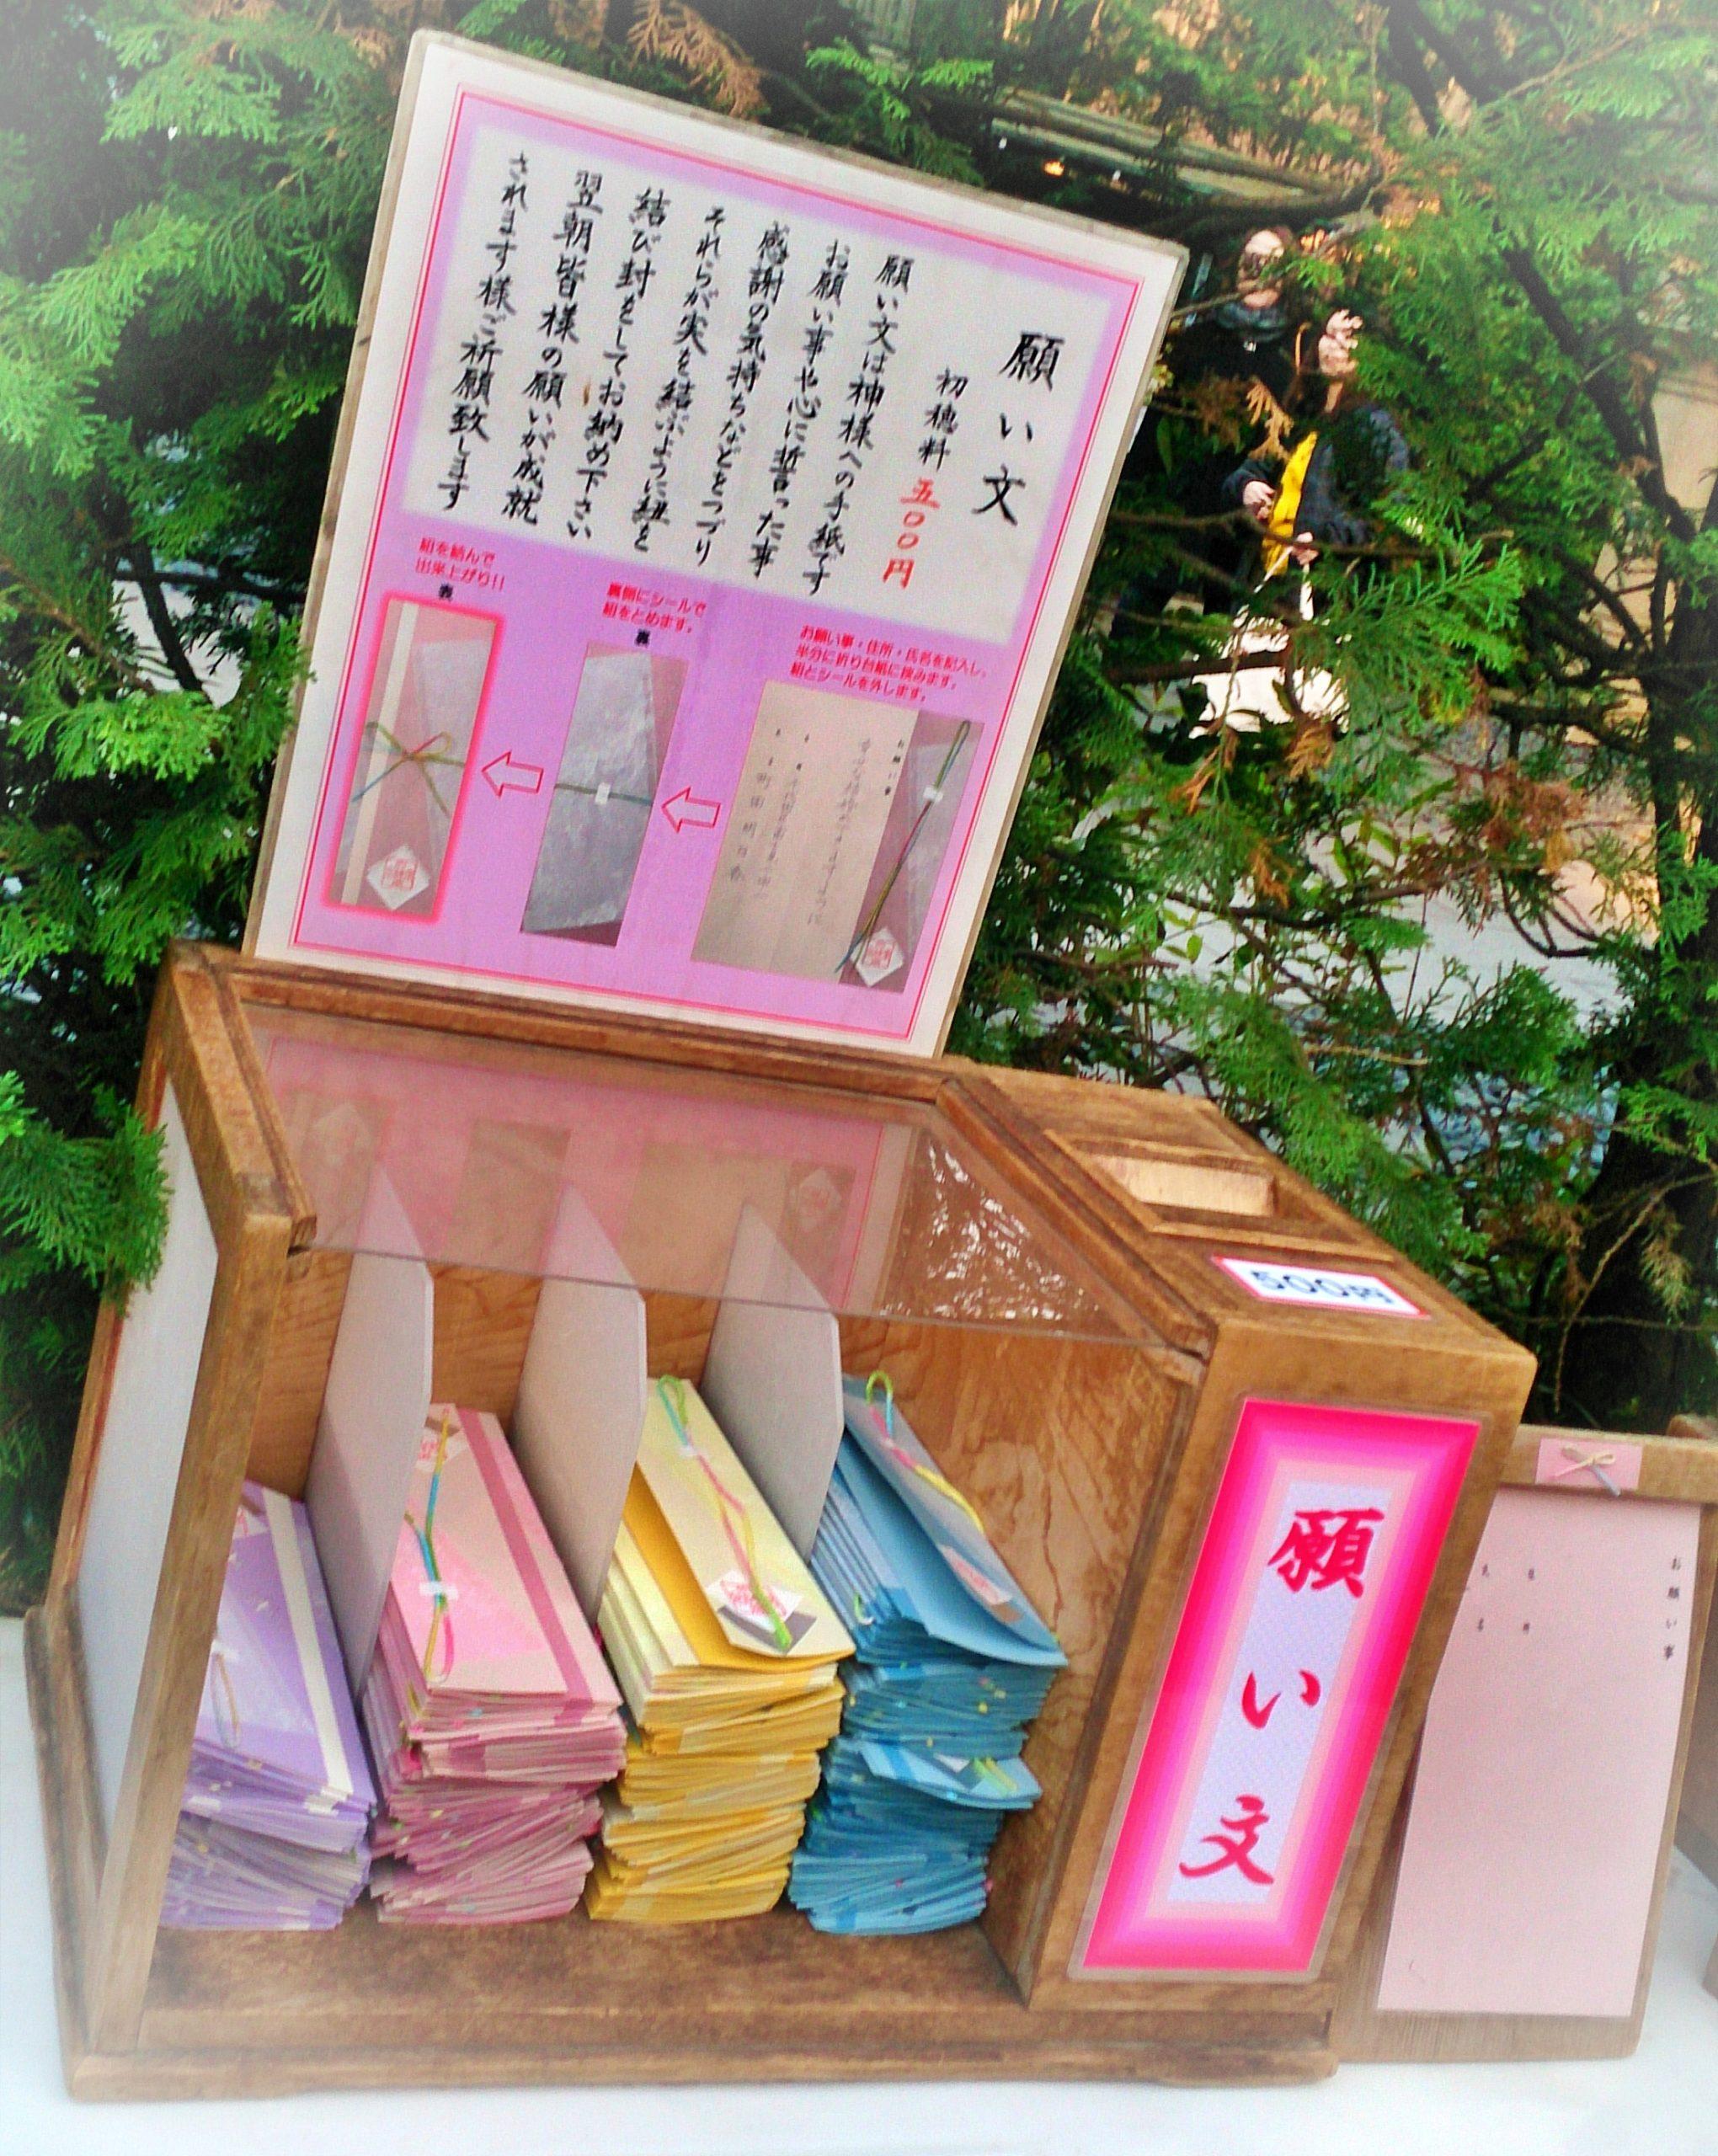 東京大神宮で人気の願い文